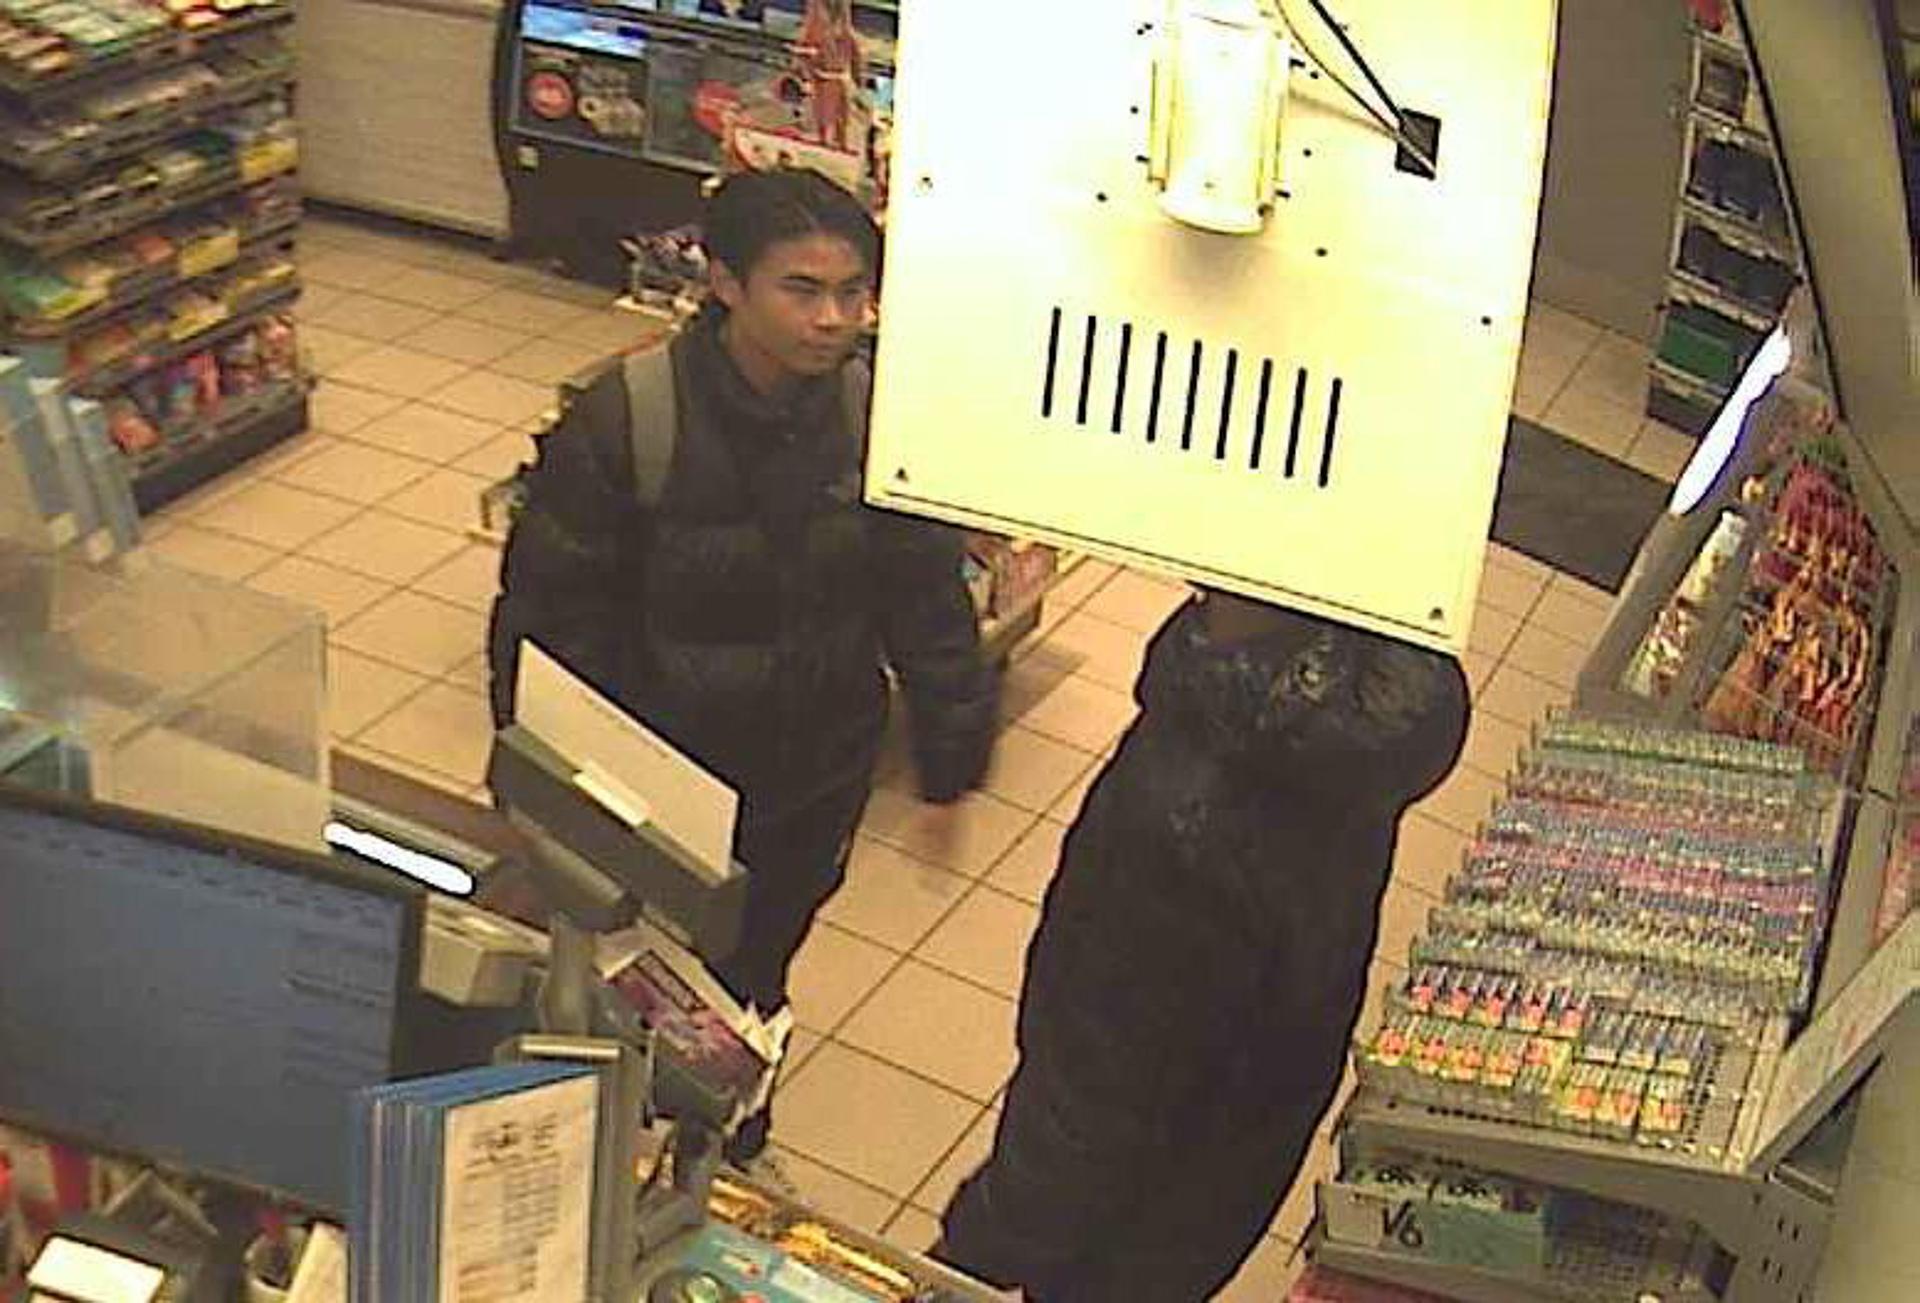 Politiet beder om hjælp: Hvem er manden på disse billeder?